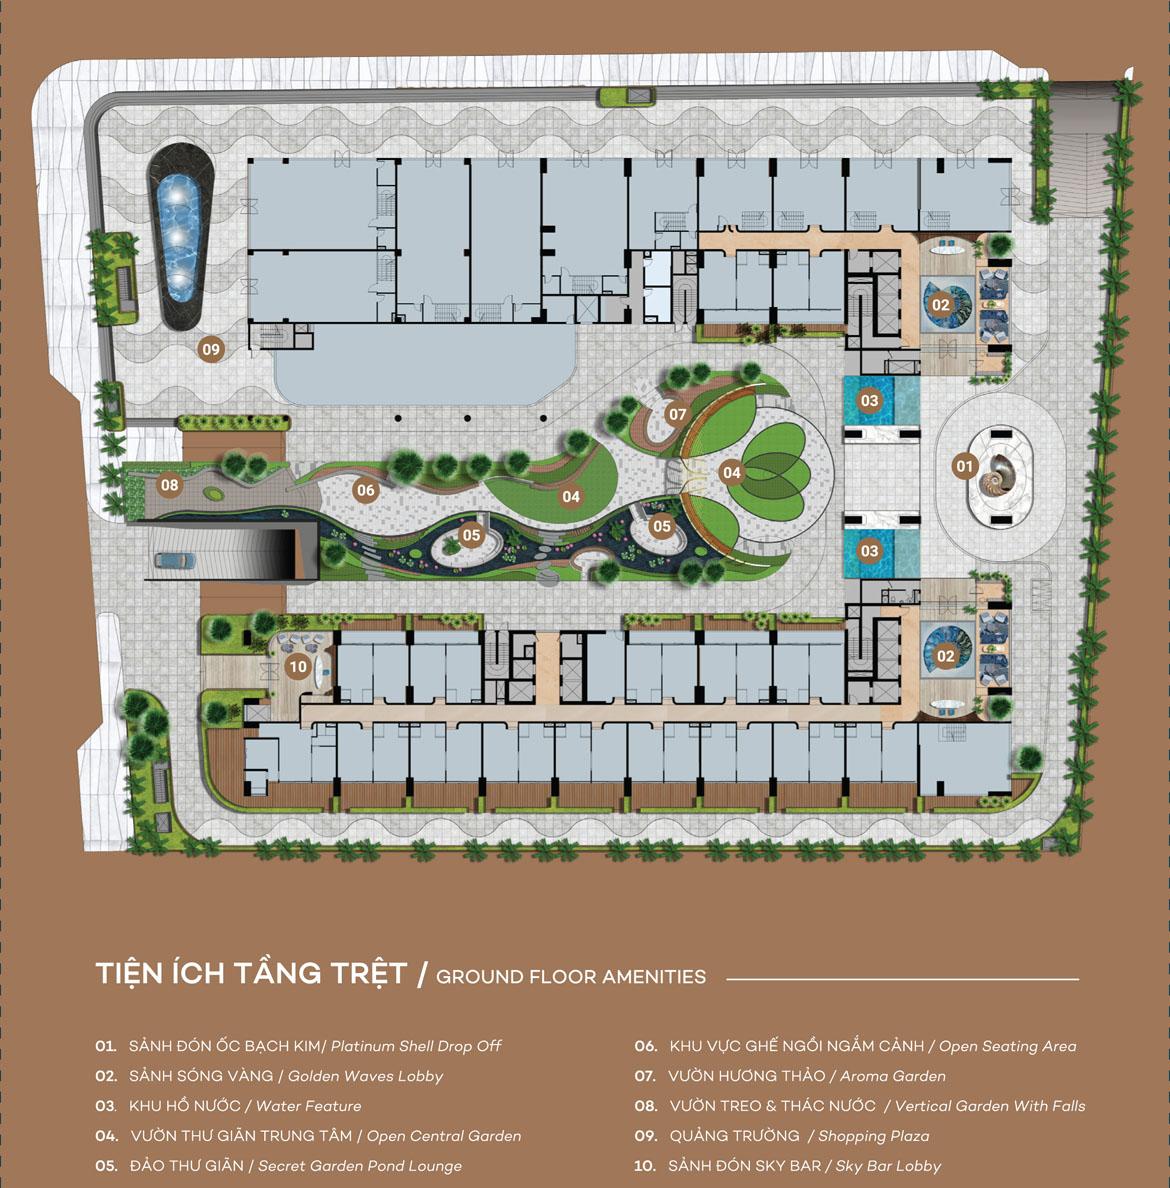 Mặt bằng tầng trệt dự án căn hộ du lịch condotel The Sóng Vũng Tàu